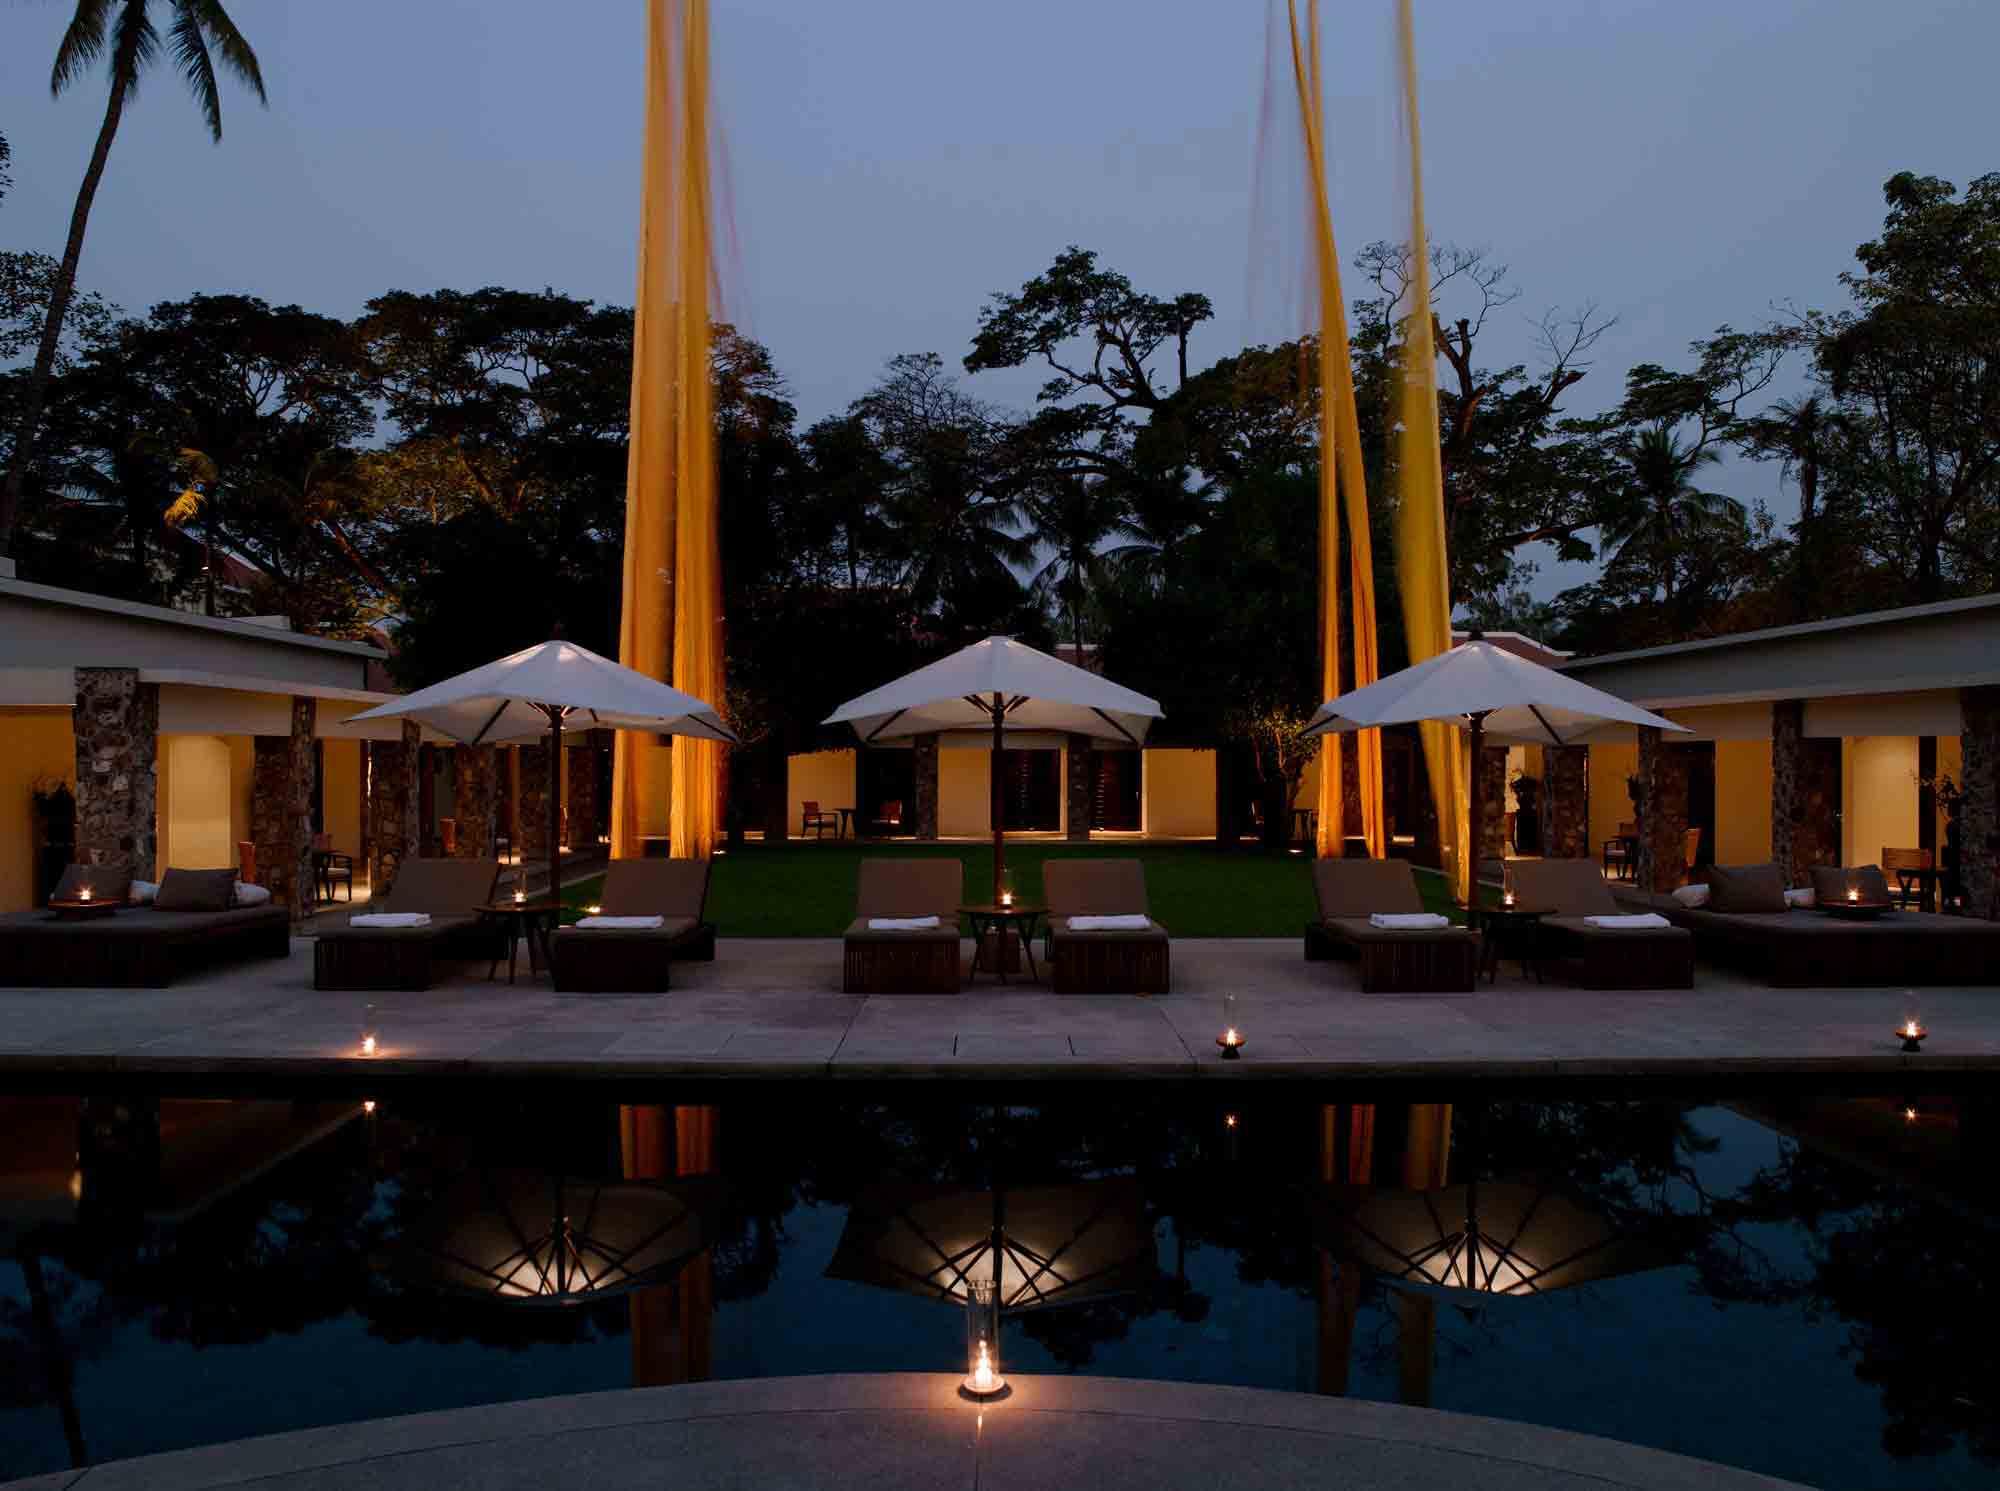 Amansara - onefinemoment_Asien_Kambodscha_Amansara_4.jpg